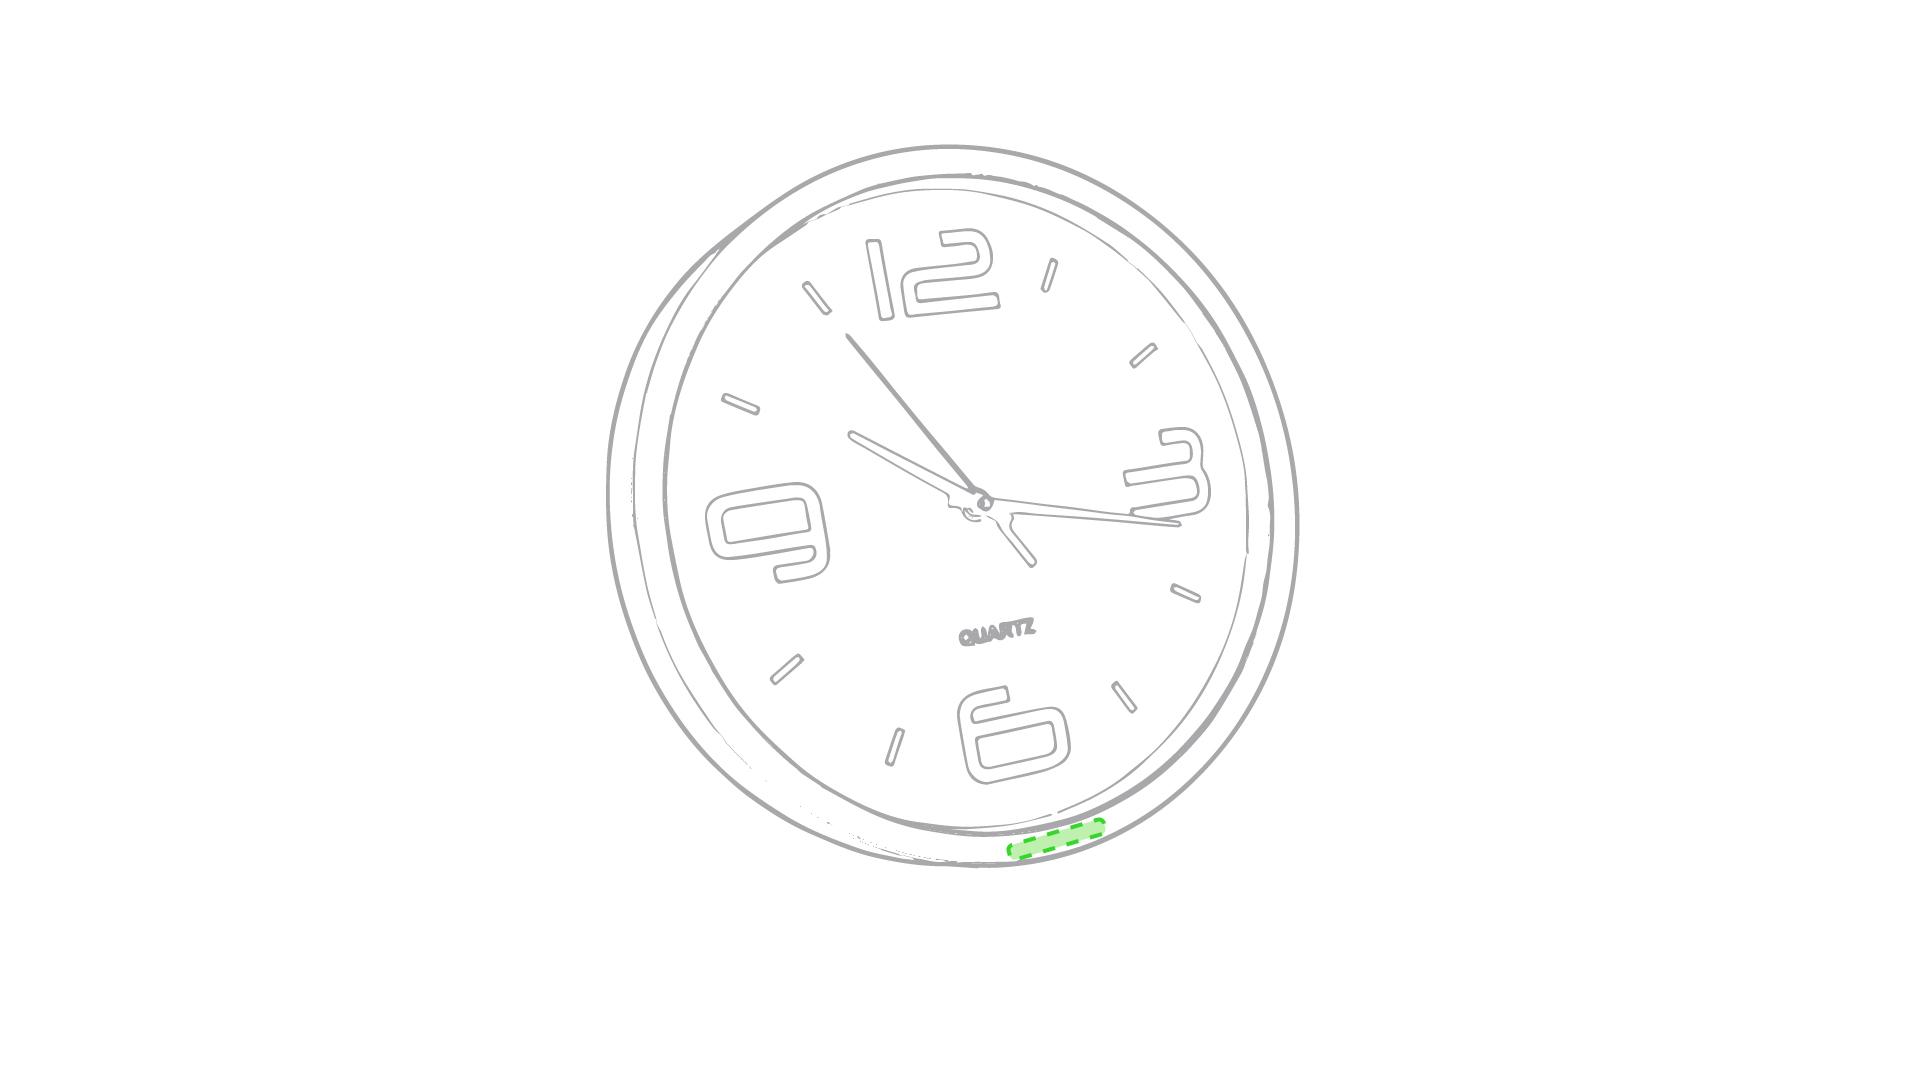 En el marco del reloj, zona inferior